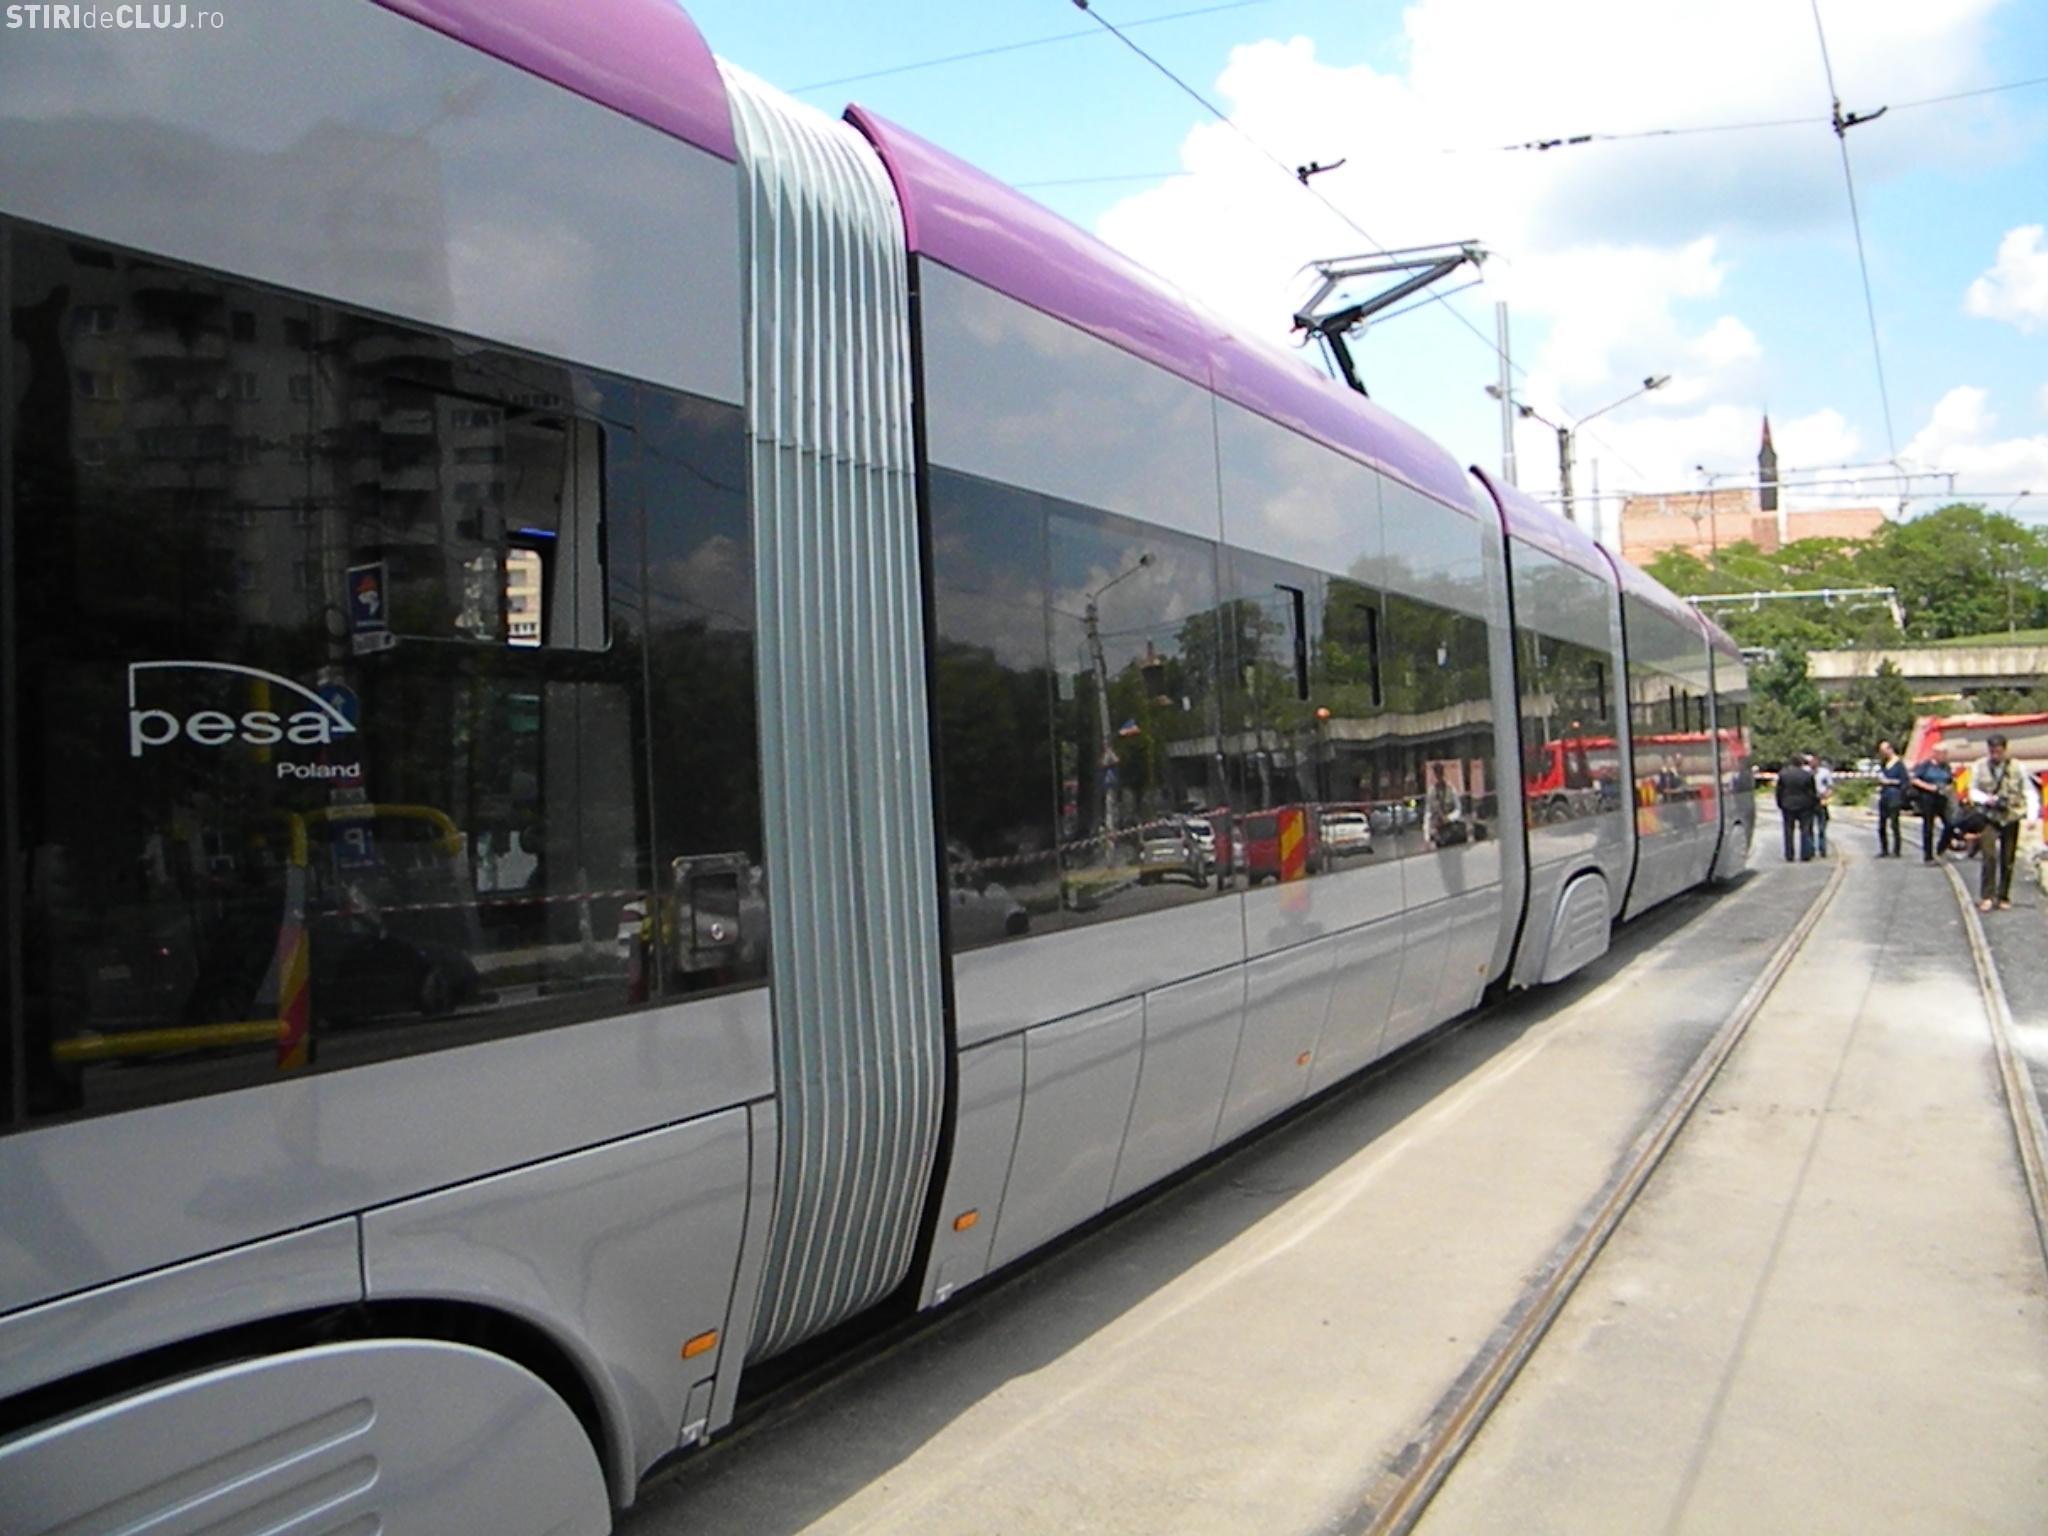 CTP înlocuiește tramvaiele cu autobuze în weekend, din cauza semimaratonului. Vezi pe ce traseu vor circula